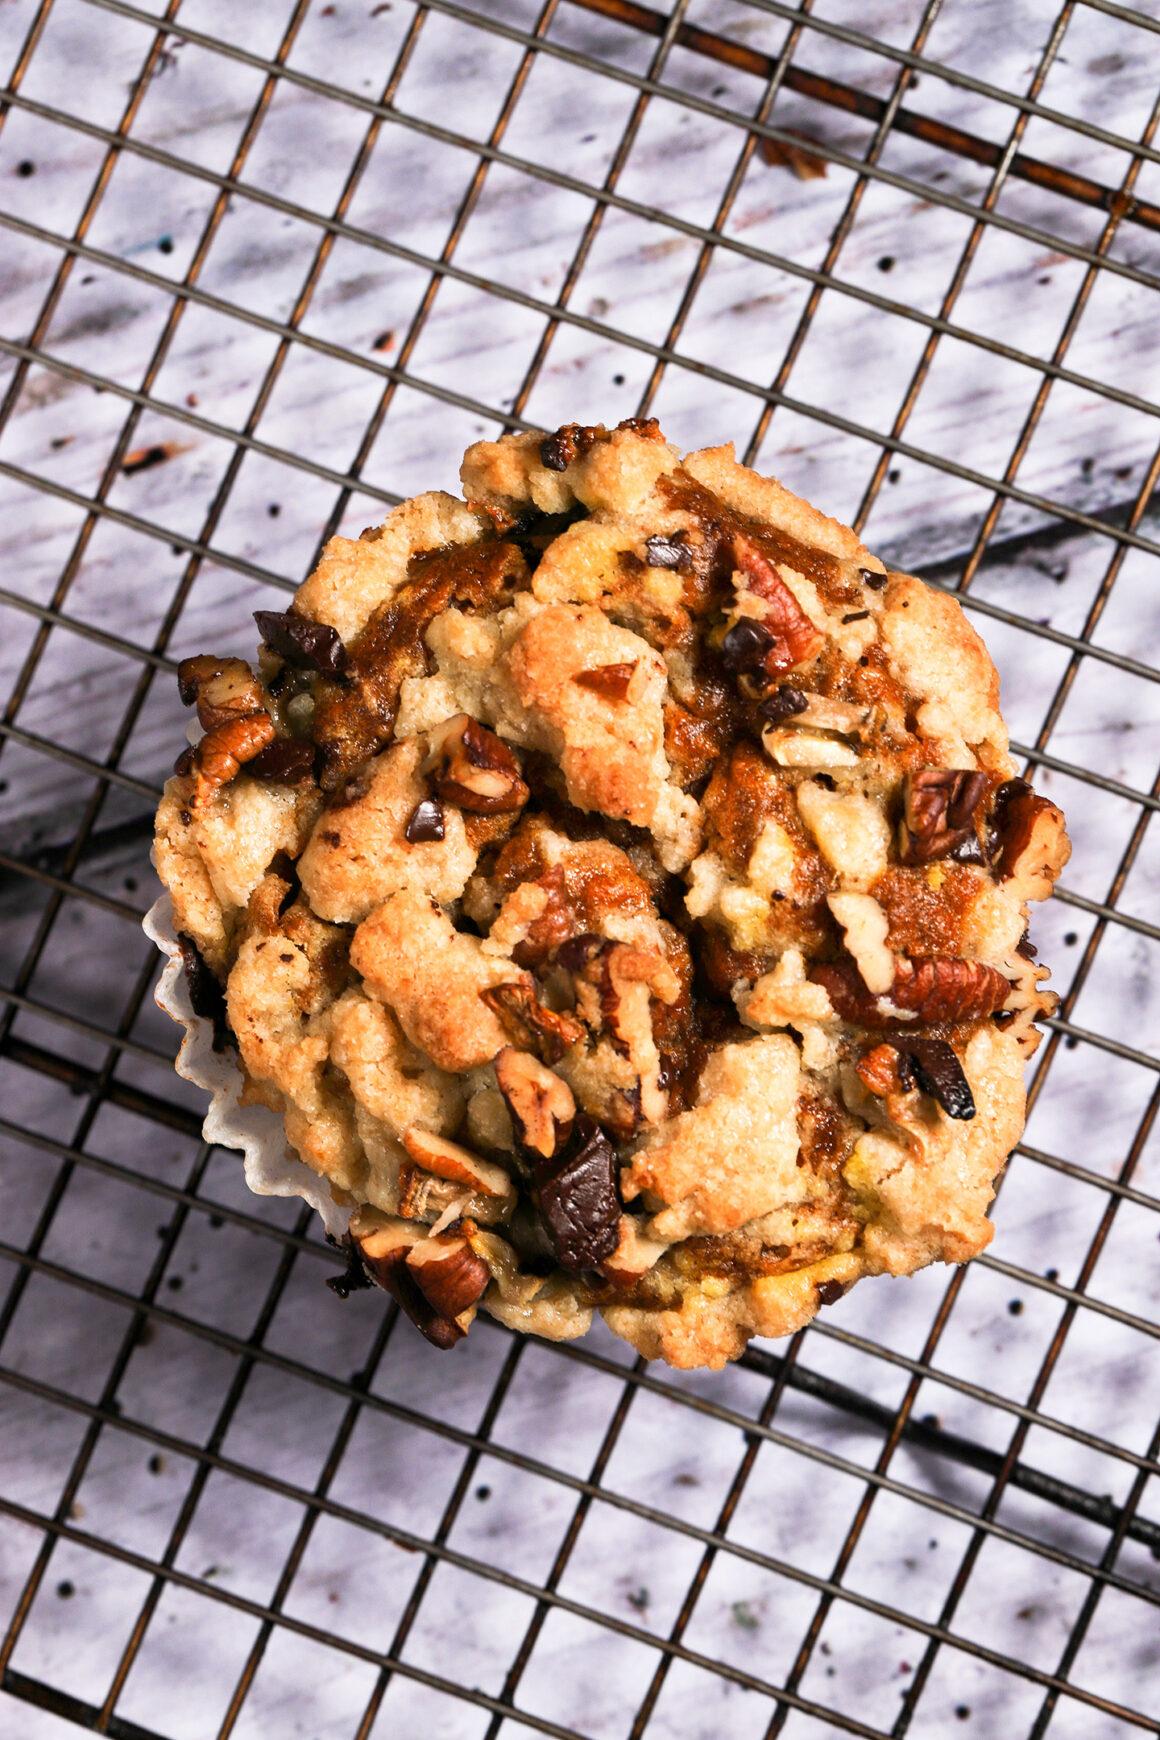 Muffin Closeup